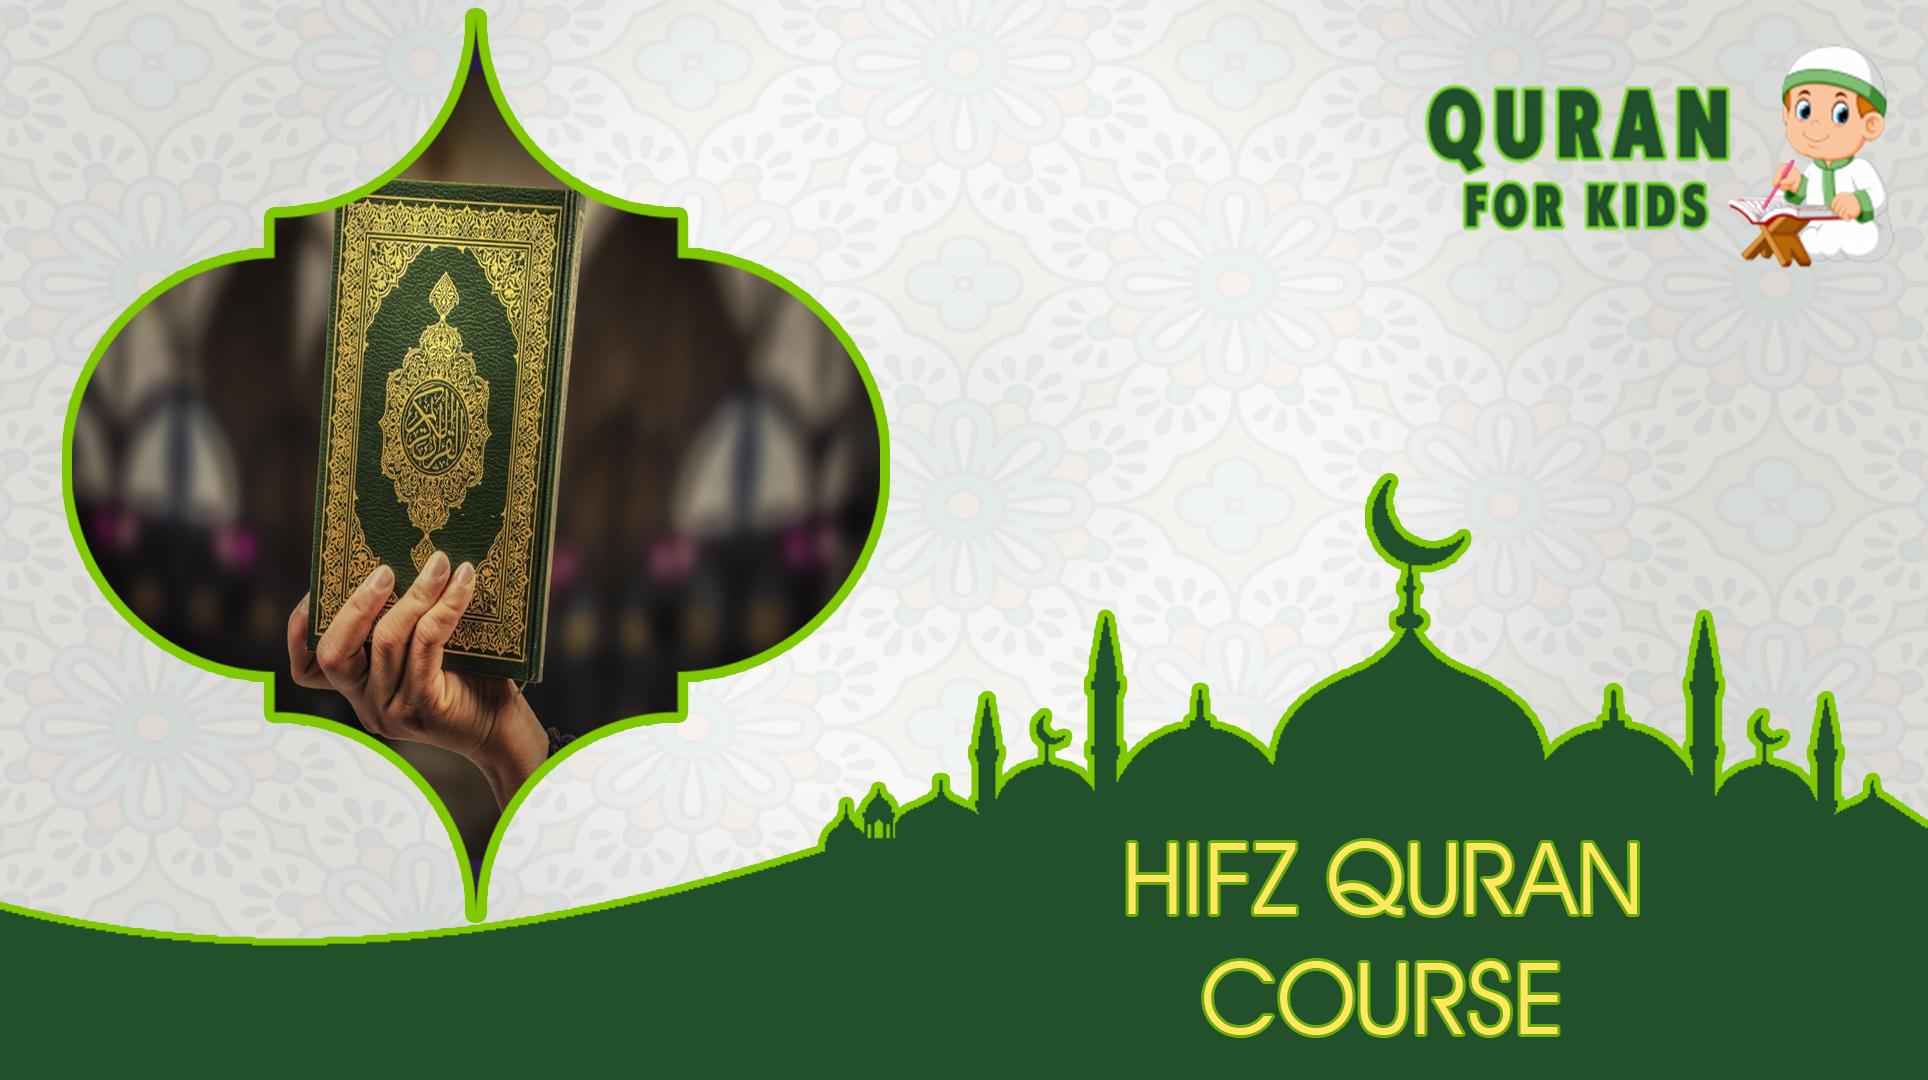 Hifz Quran Course